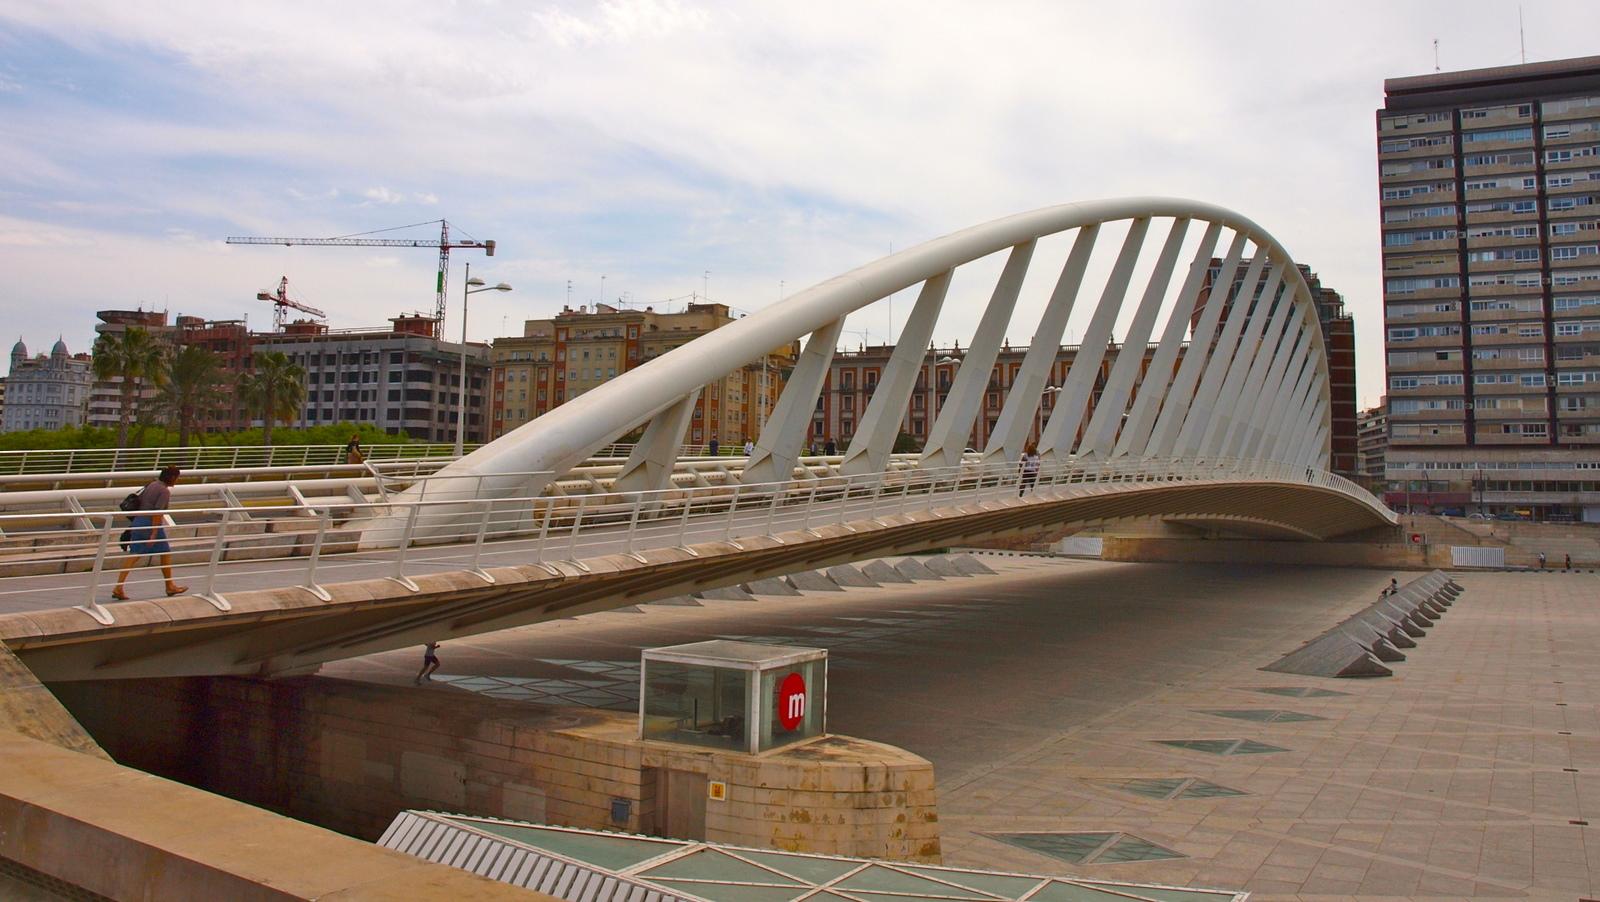 Puente de la alameda valencia calatrava for Piscina de valencia alameda